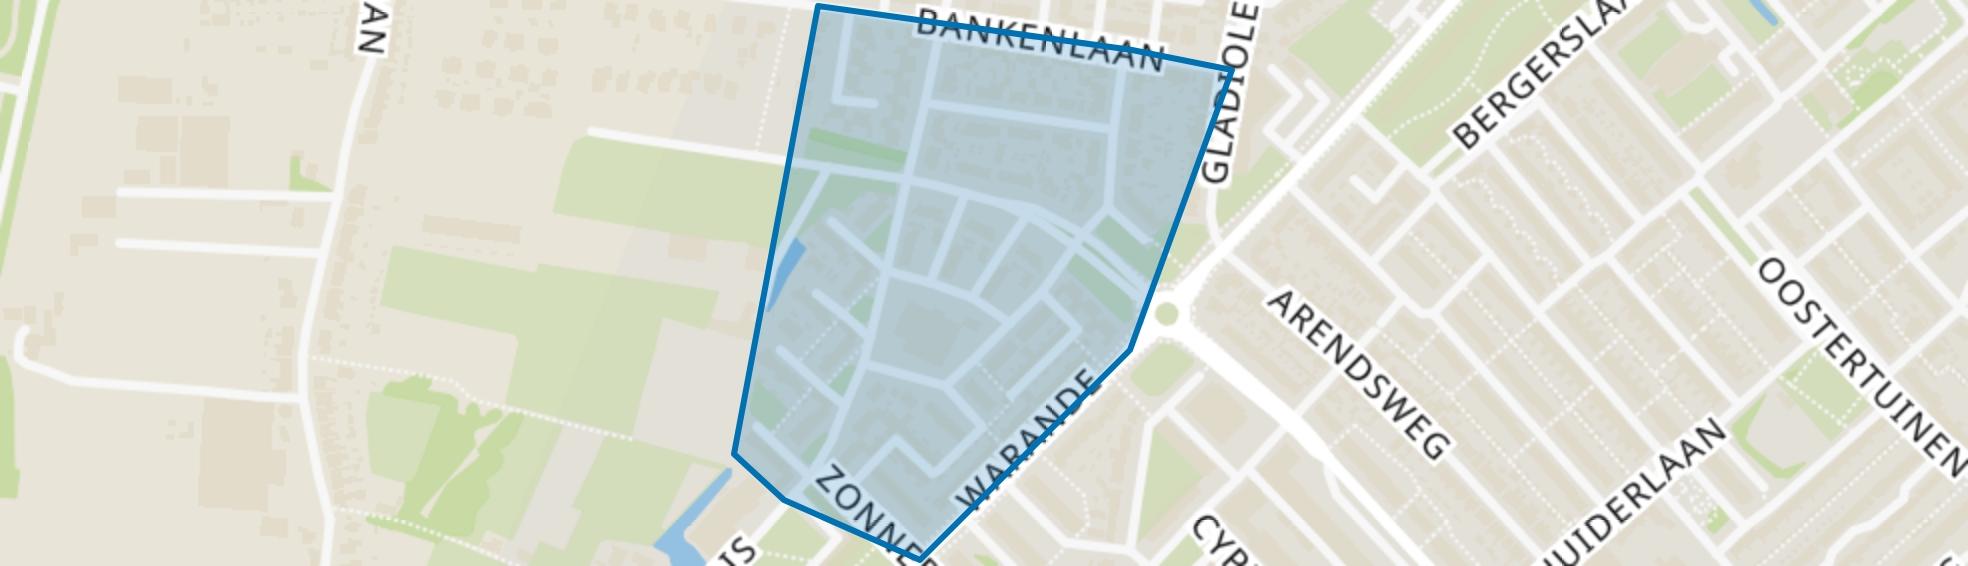 De Horn, Beverwijk map